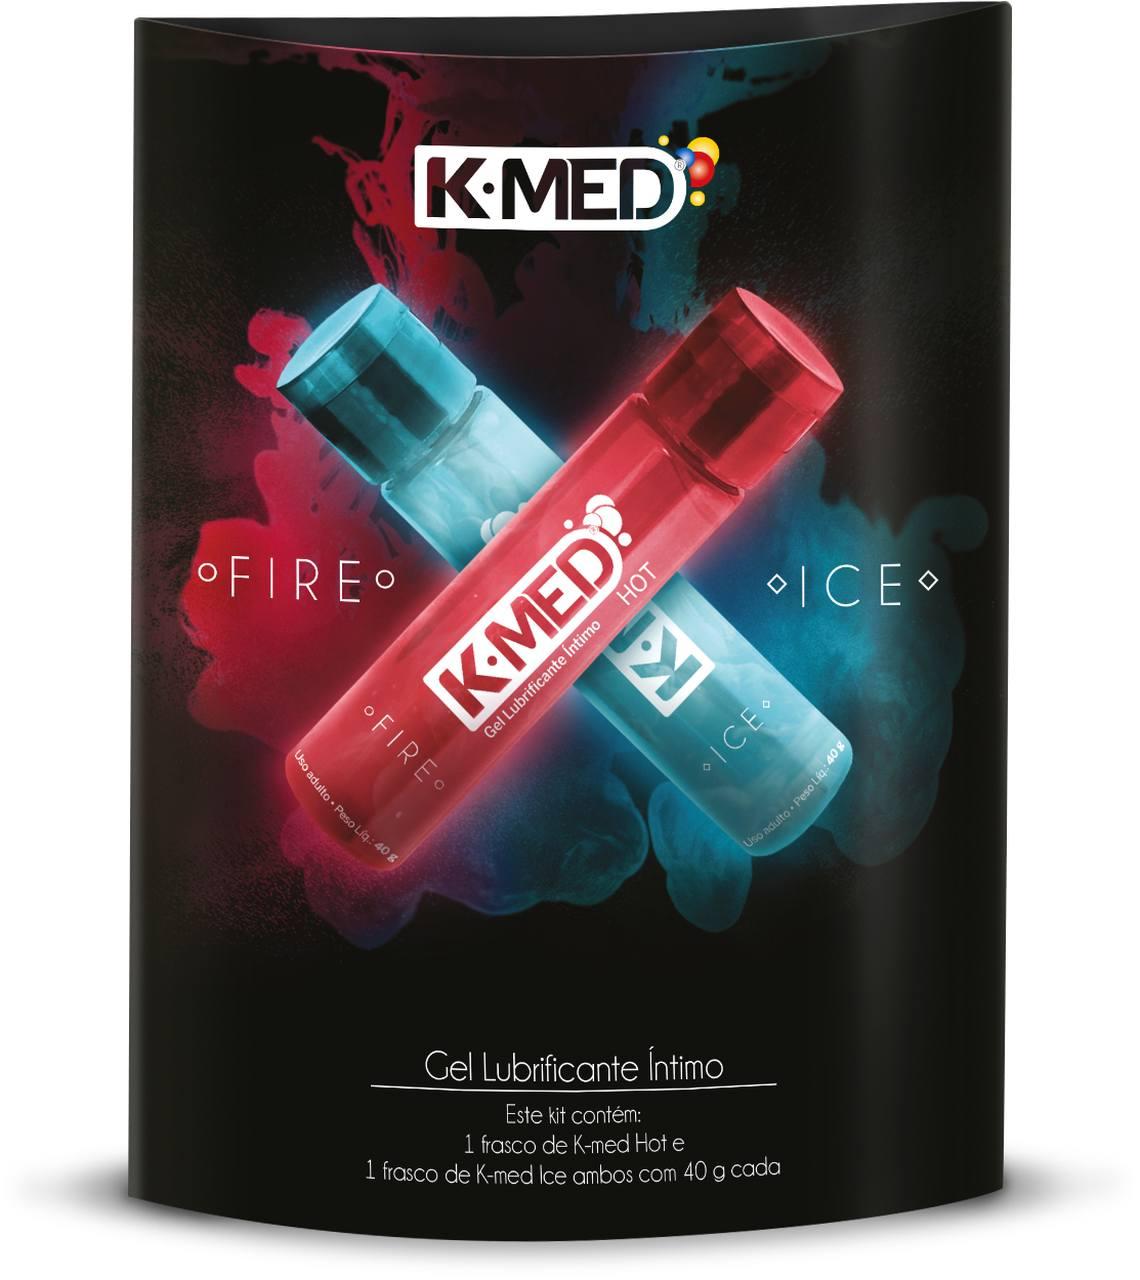 Imagem do produto K-Med Fire & Ice